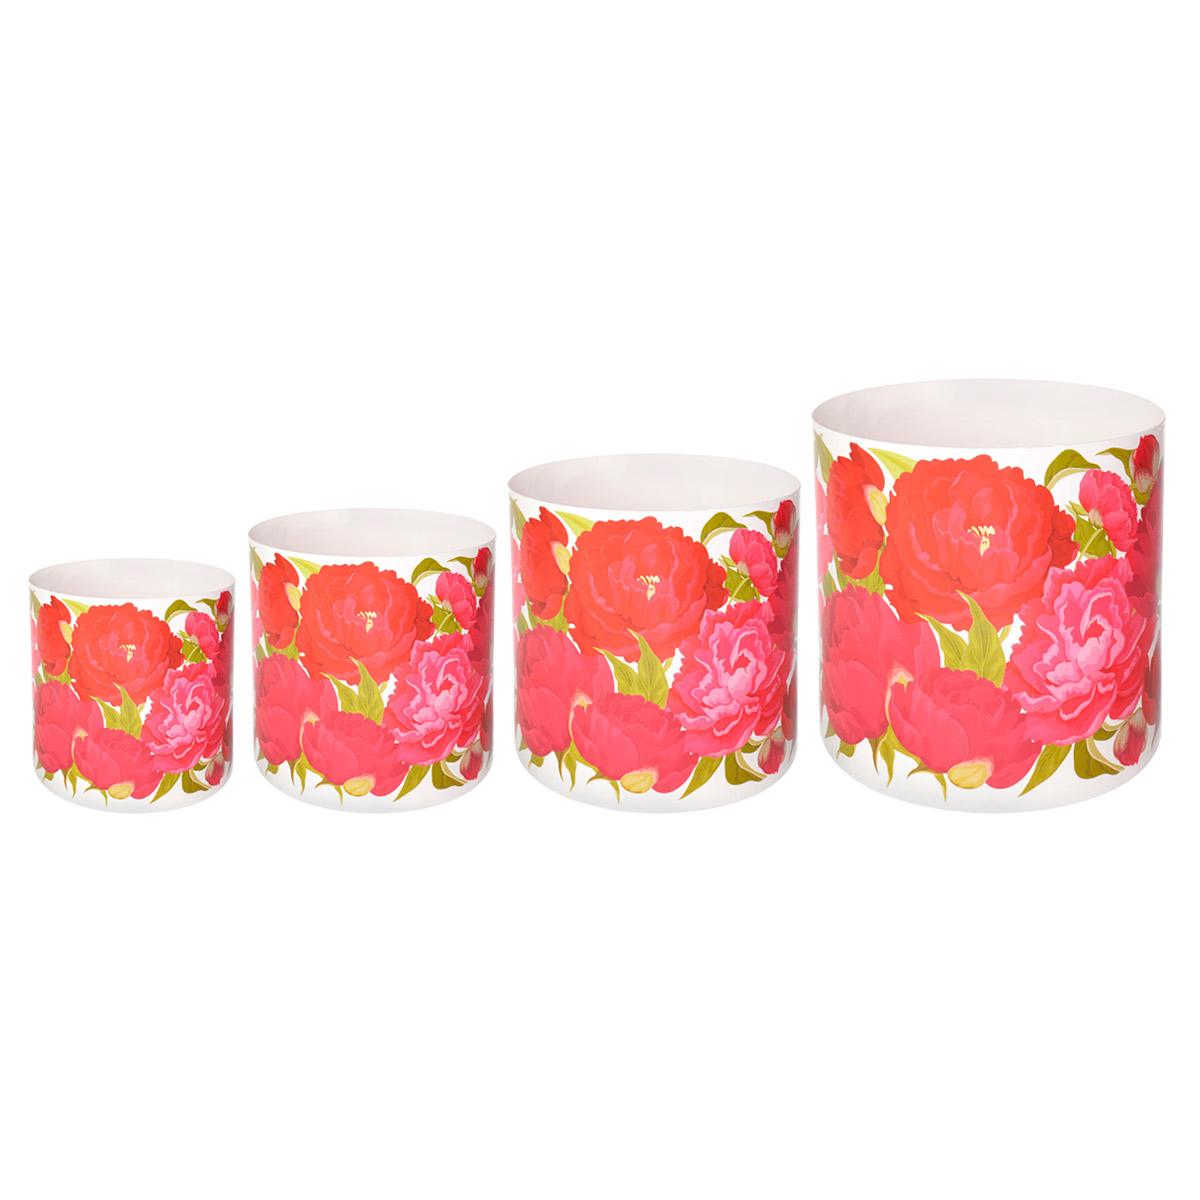 Набор горшков для цветов Miolla Пионы, со скрытым поддоном, 4 предметаSMG-SET9Набор Miolla Пионы состоит из 4 горшков со скрытыми поддонами. Горшкивыполнены из пластика и декорированы цветочным рисунком. Изделия предназначены для цветов. Изделия оснащены специальными скрытыми поддонами.Диаметр горшков: 20,5 см, 16,5 см, 13,5 см, 11,5 см.Высота горшков (с учетом поддона): 19 см, 16 см, 13,5 см, 11,5 см.Объем горшков: 1 л, 1,7 л, 2,8 л, 5,1 л.